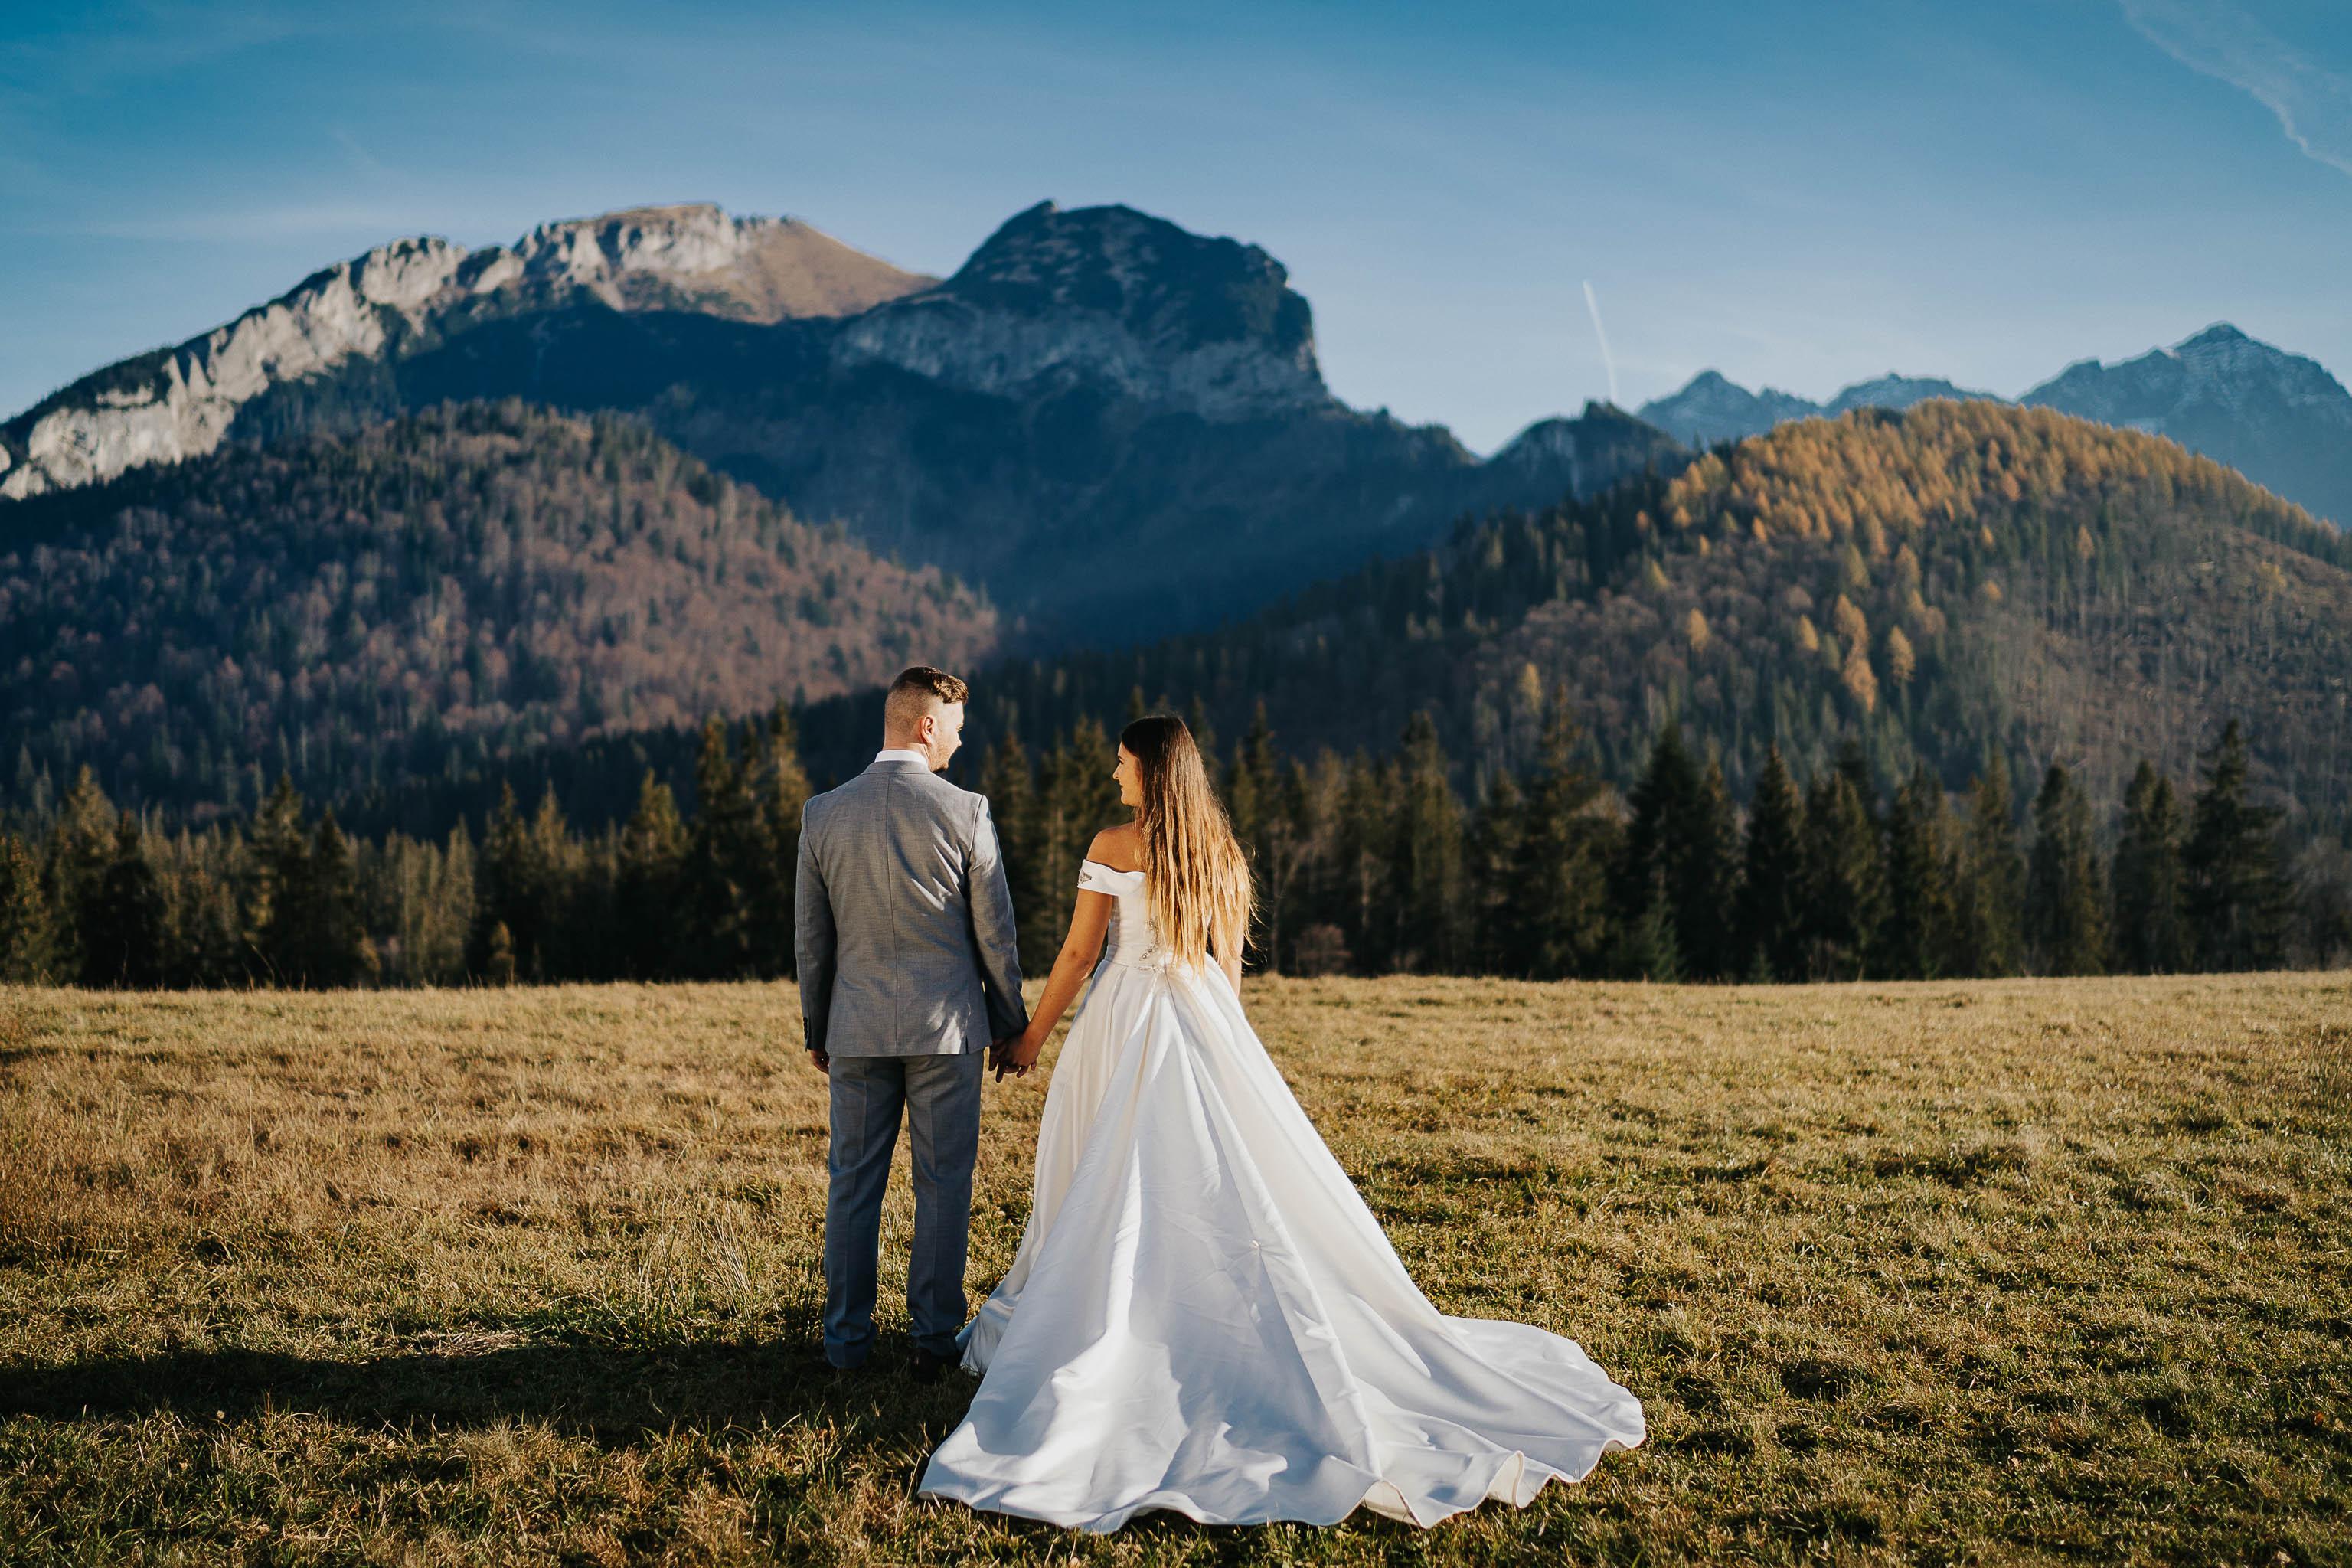 svadobný fotograf vysoke tatry